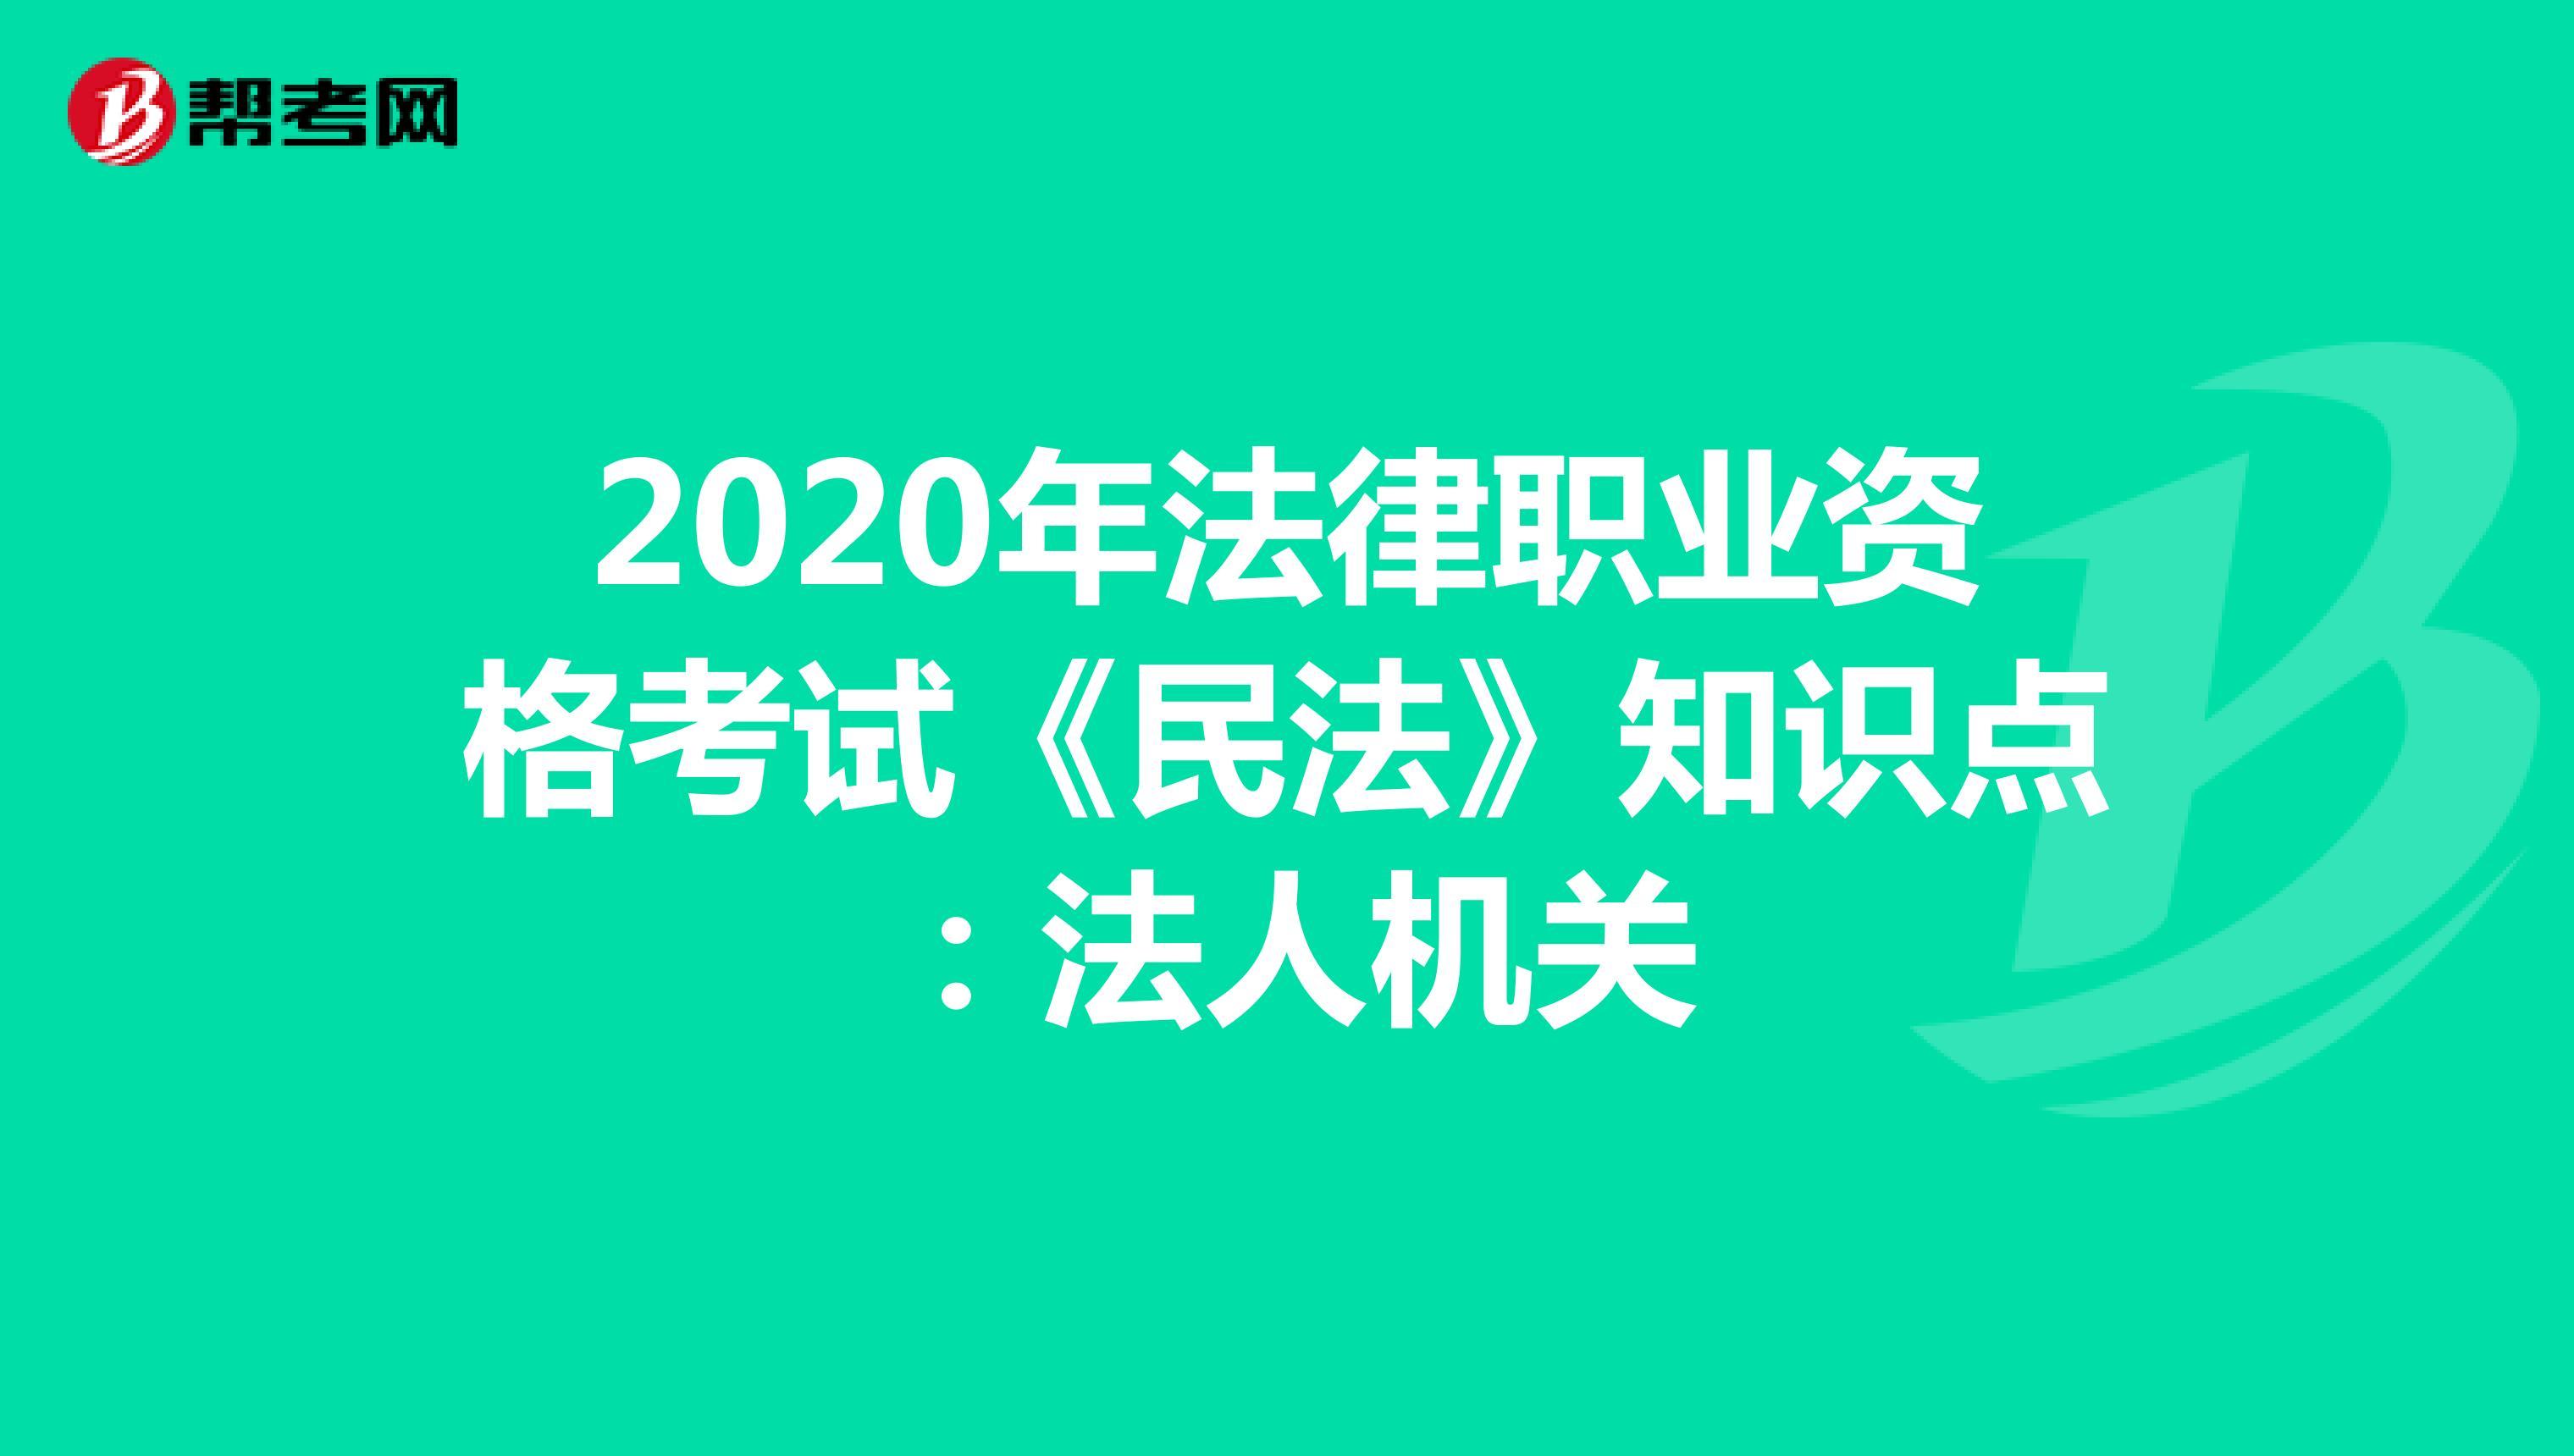 2020年法律职业资格考试《民法》知识点:法人机关